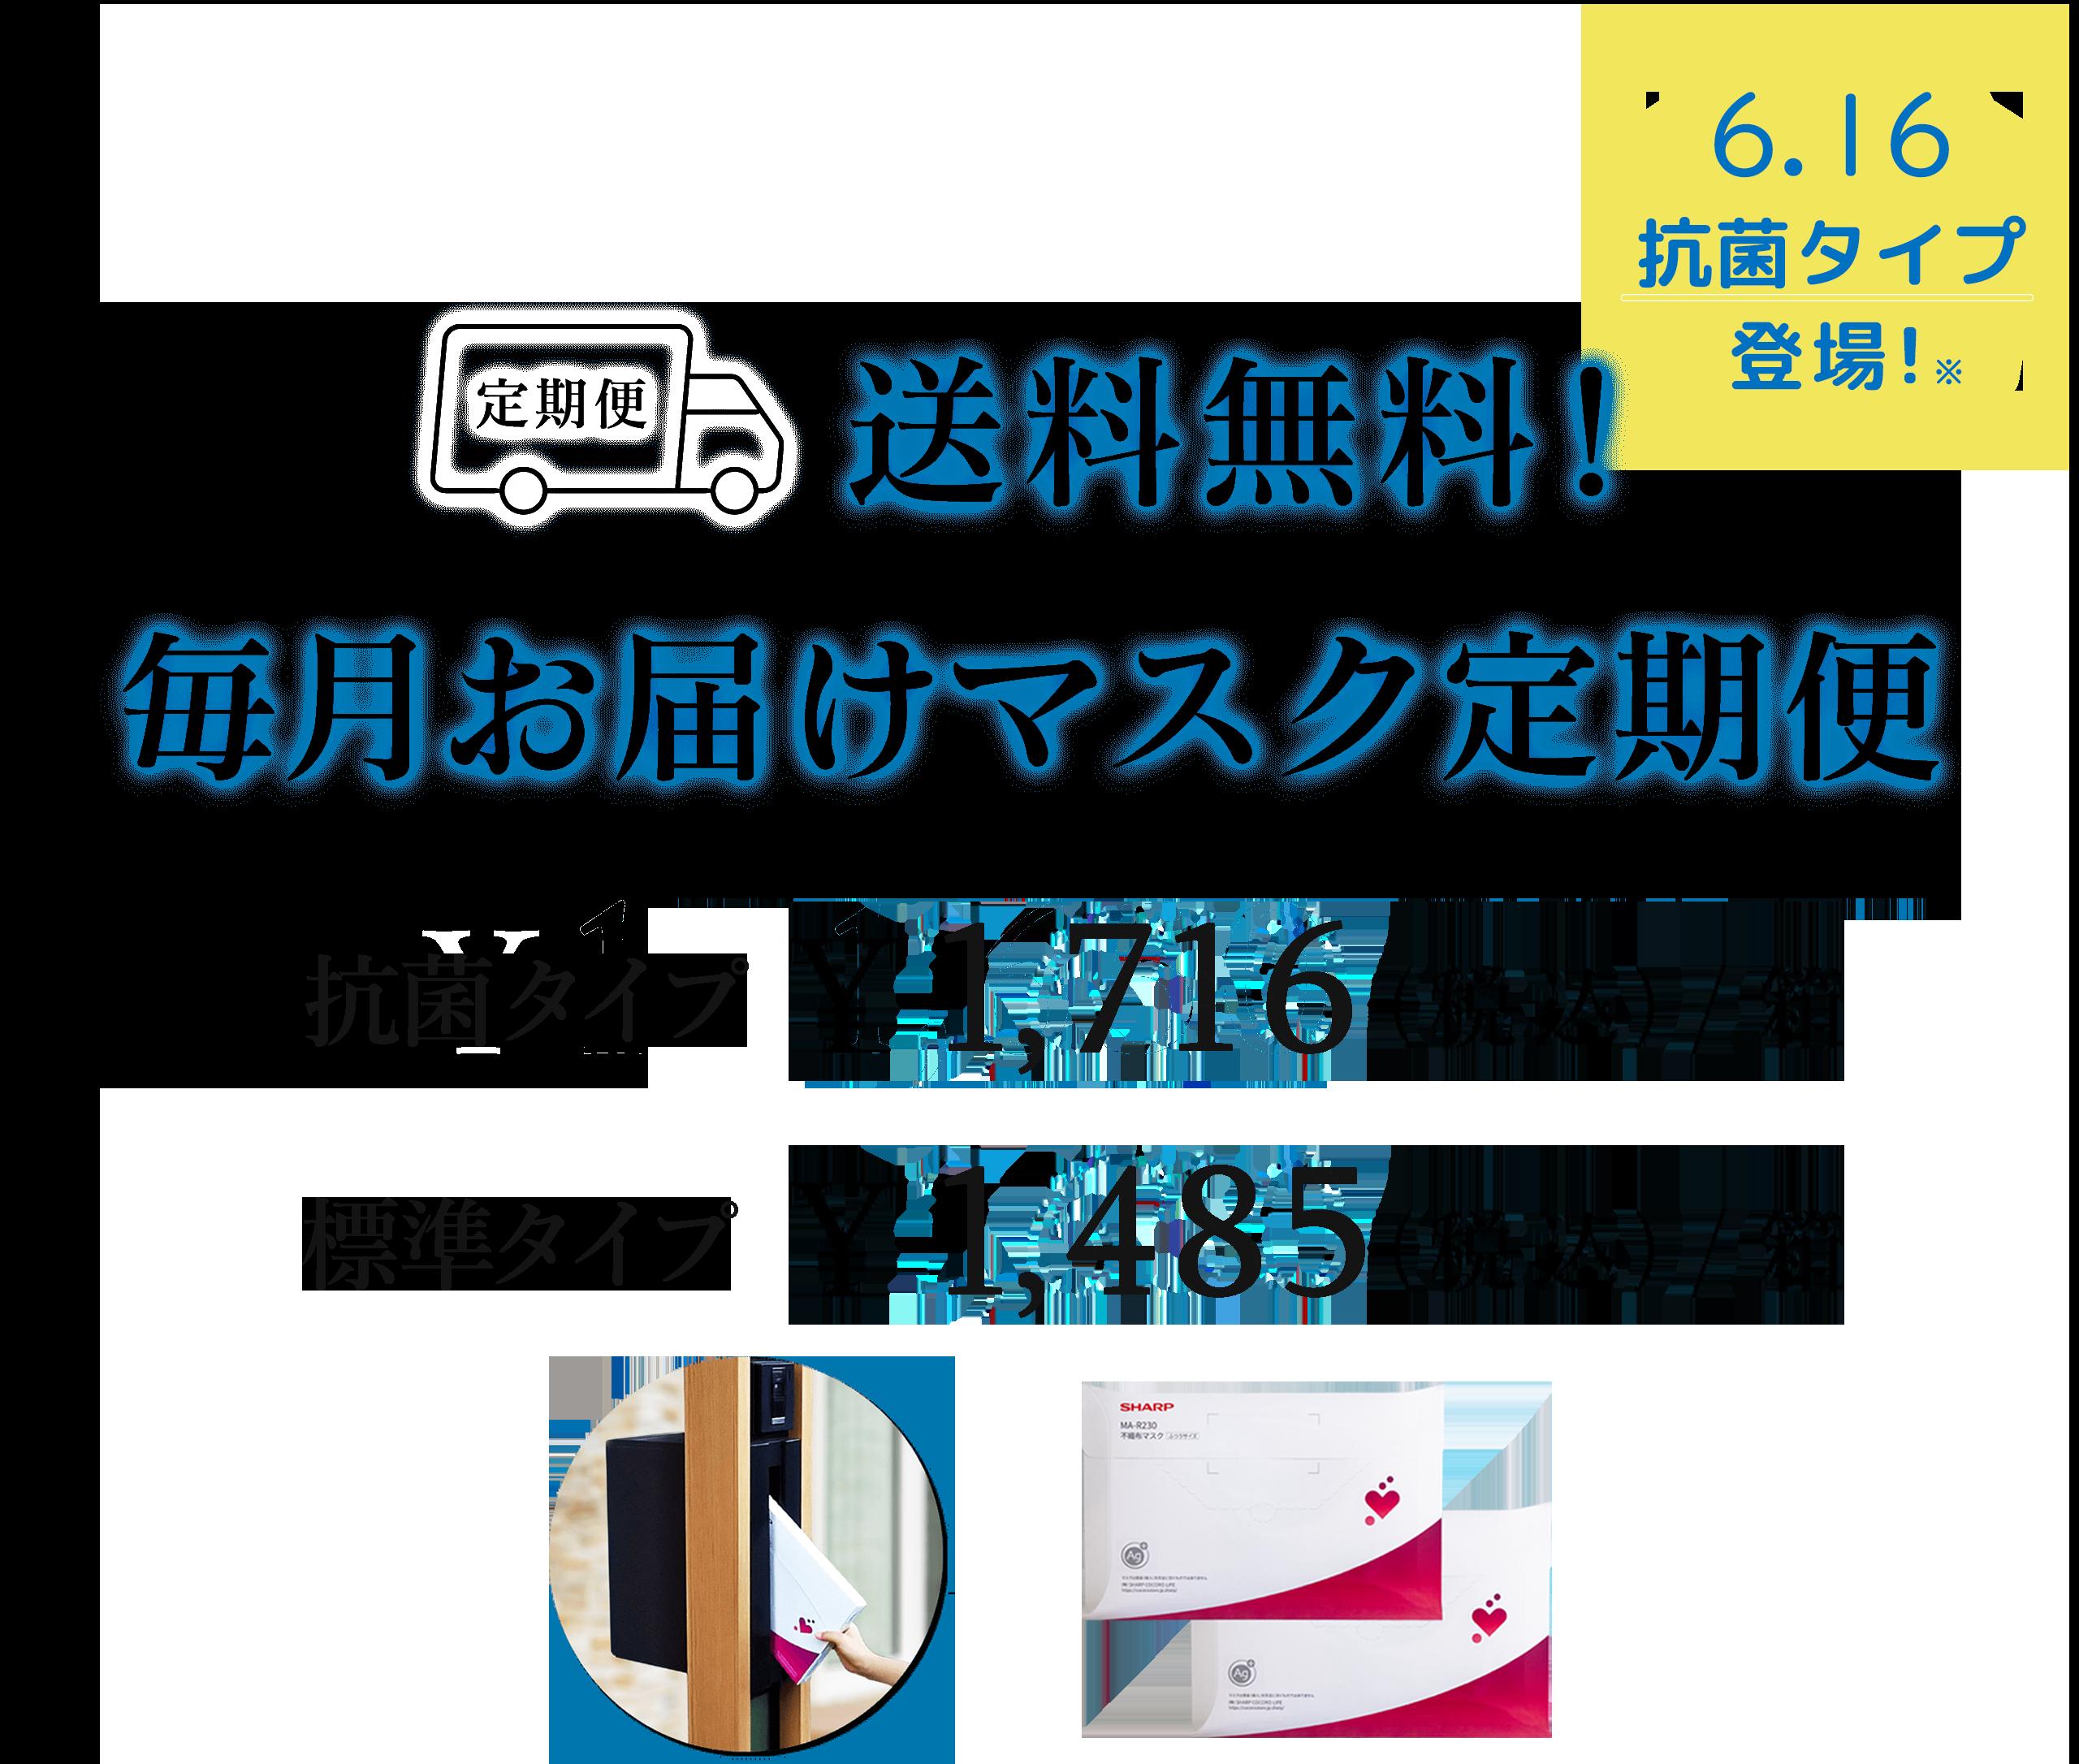 マスク 申し込み の シャープ 【シャープマスク】申込方法や応募サイト公式を紹介!抽選日程もチェック♪ ソロモンNews